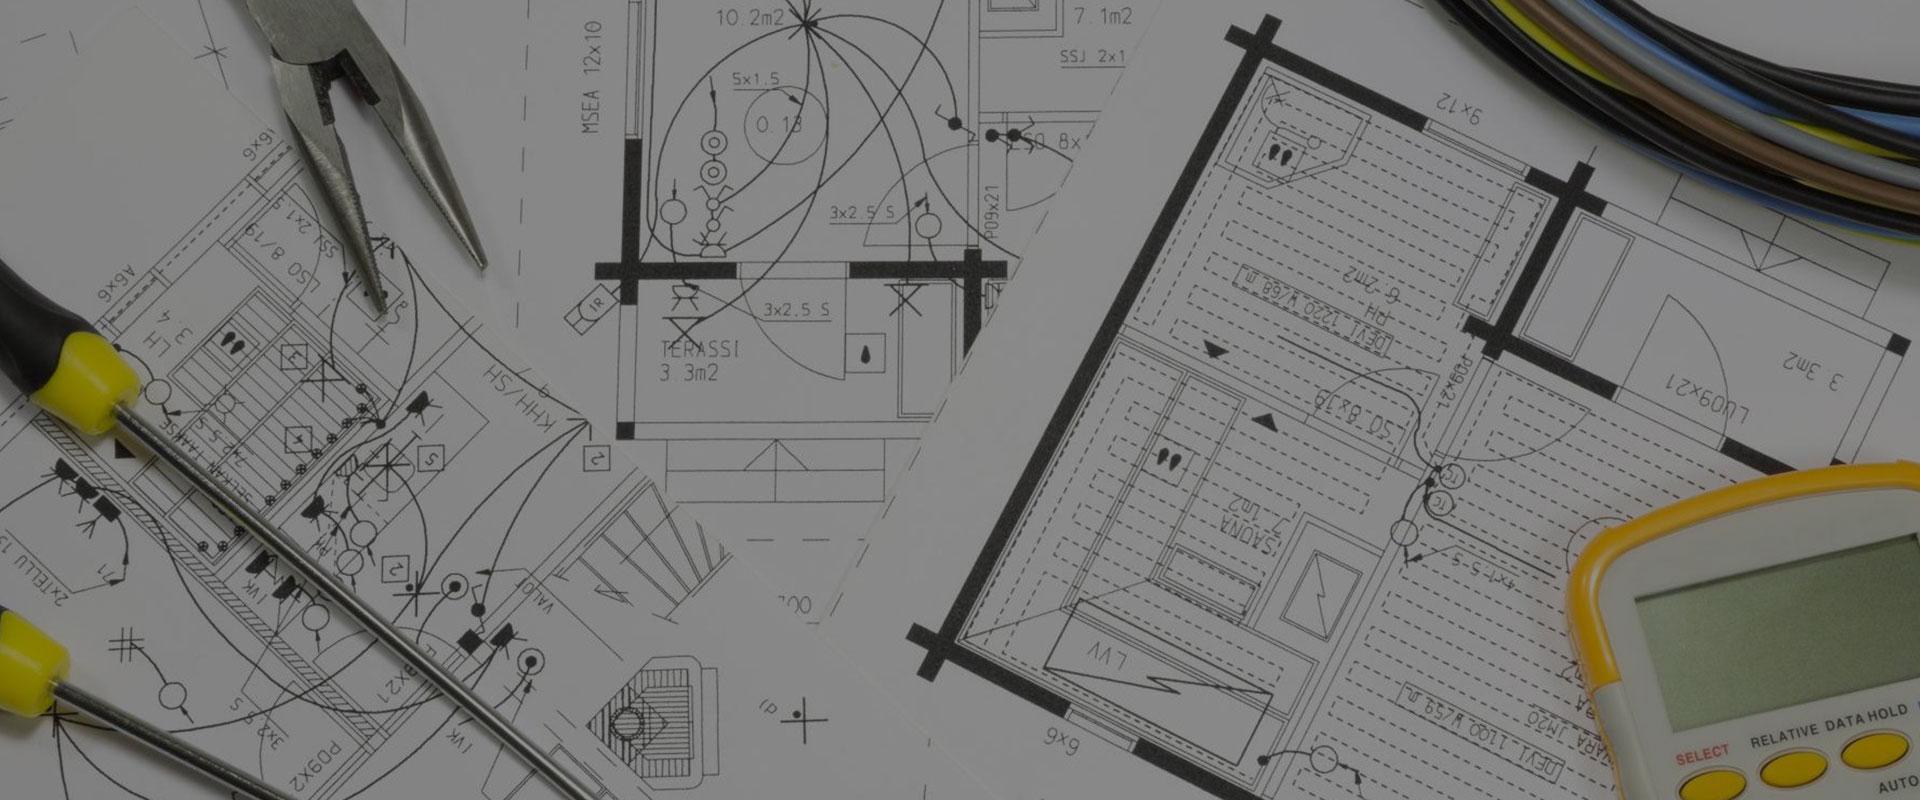 Bureau d'études techniques et d'ingénierie